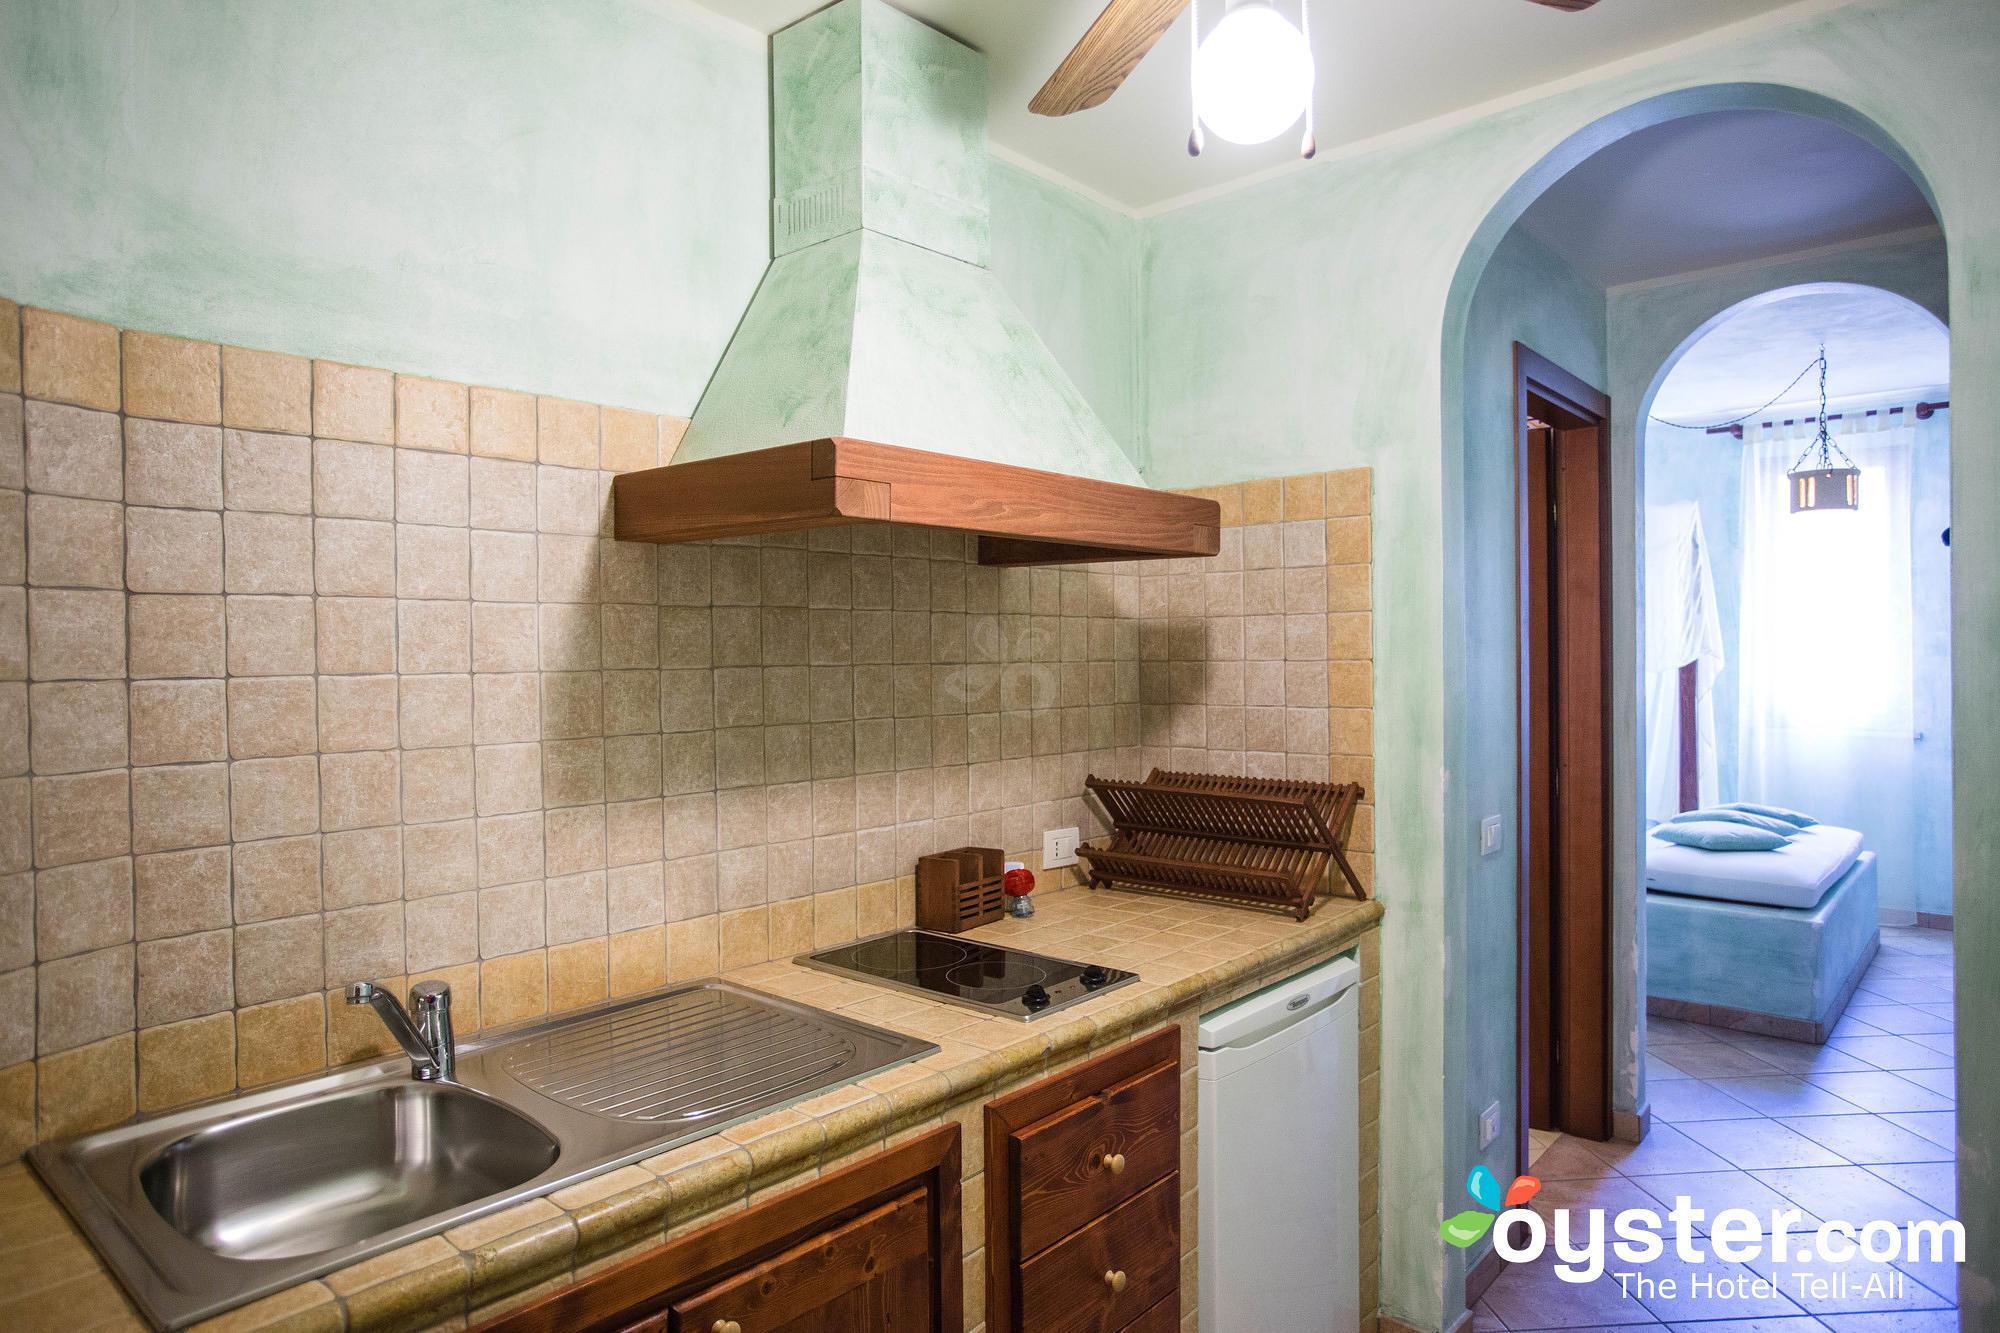 acquamarina-suite--v8591697-2000